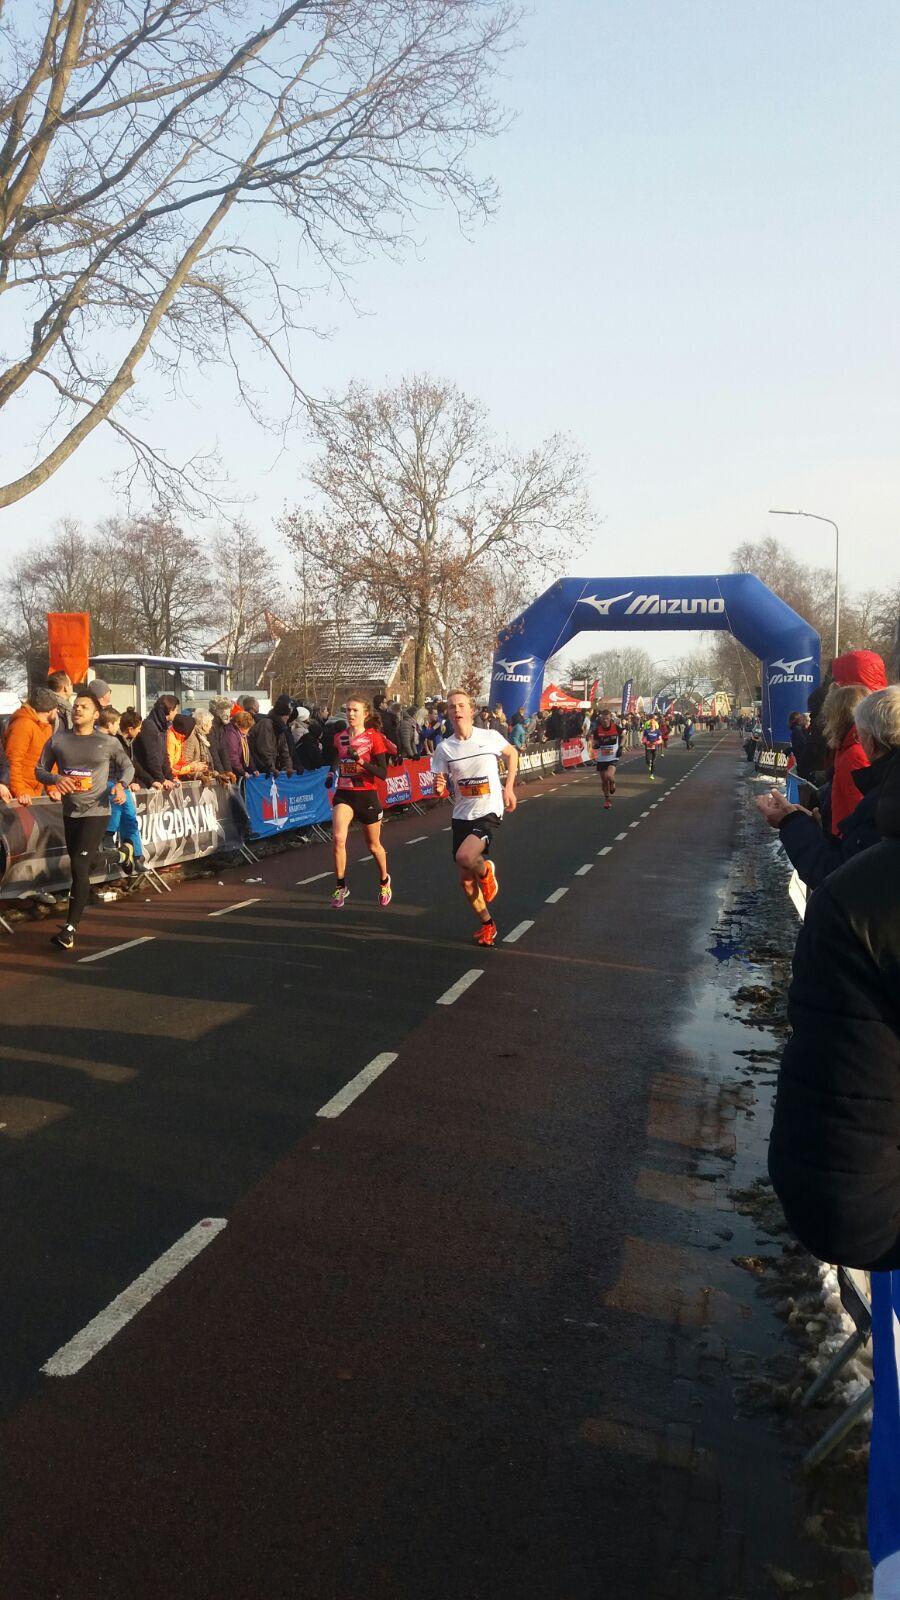 Nederlands Kampioenschap 10km, 3 pr's voor JRT!